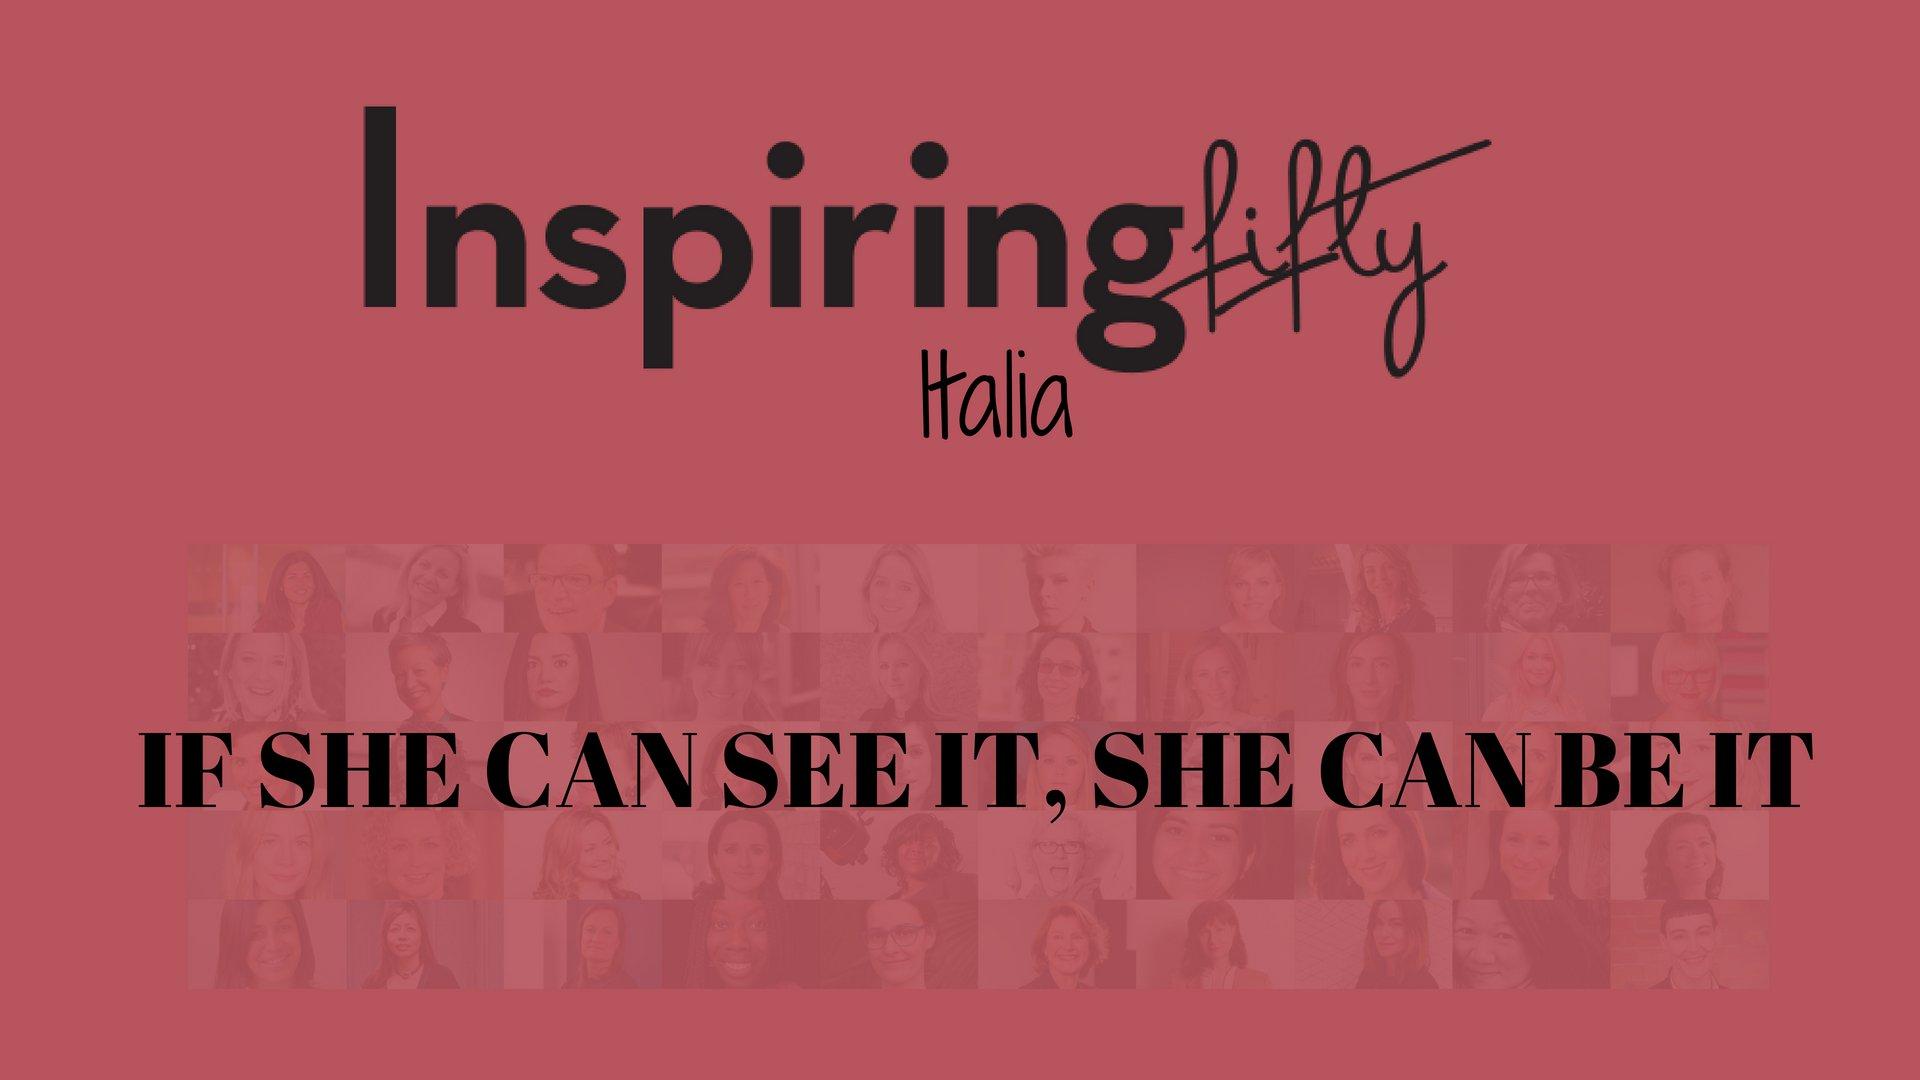 InspiringFifty, le 50 role models nel mondo della tecnologia